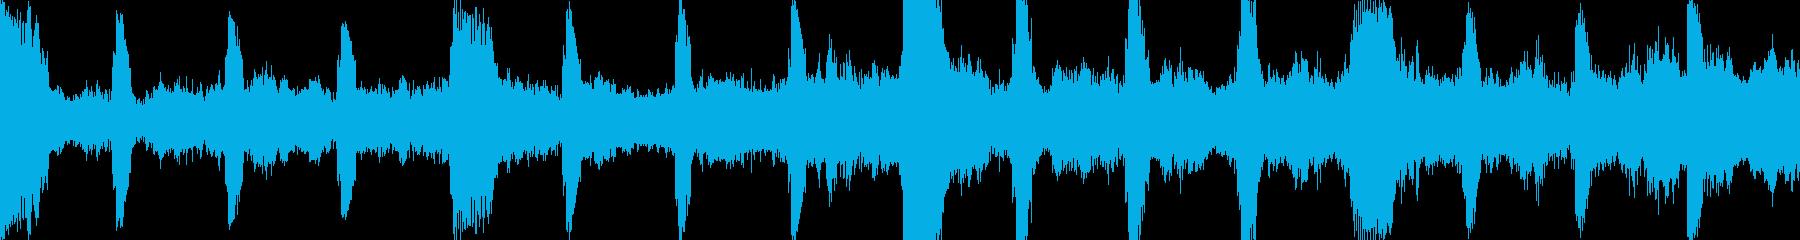 不気味なダーク・アンビエント・ループ◯の再生済みの波形